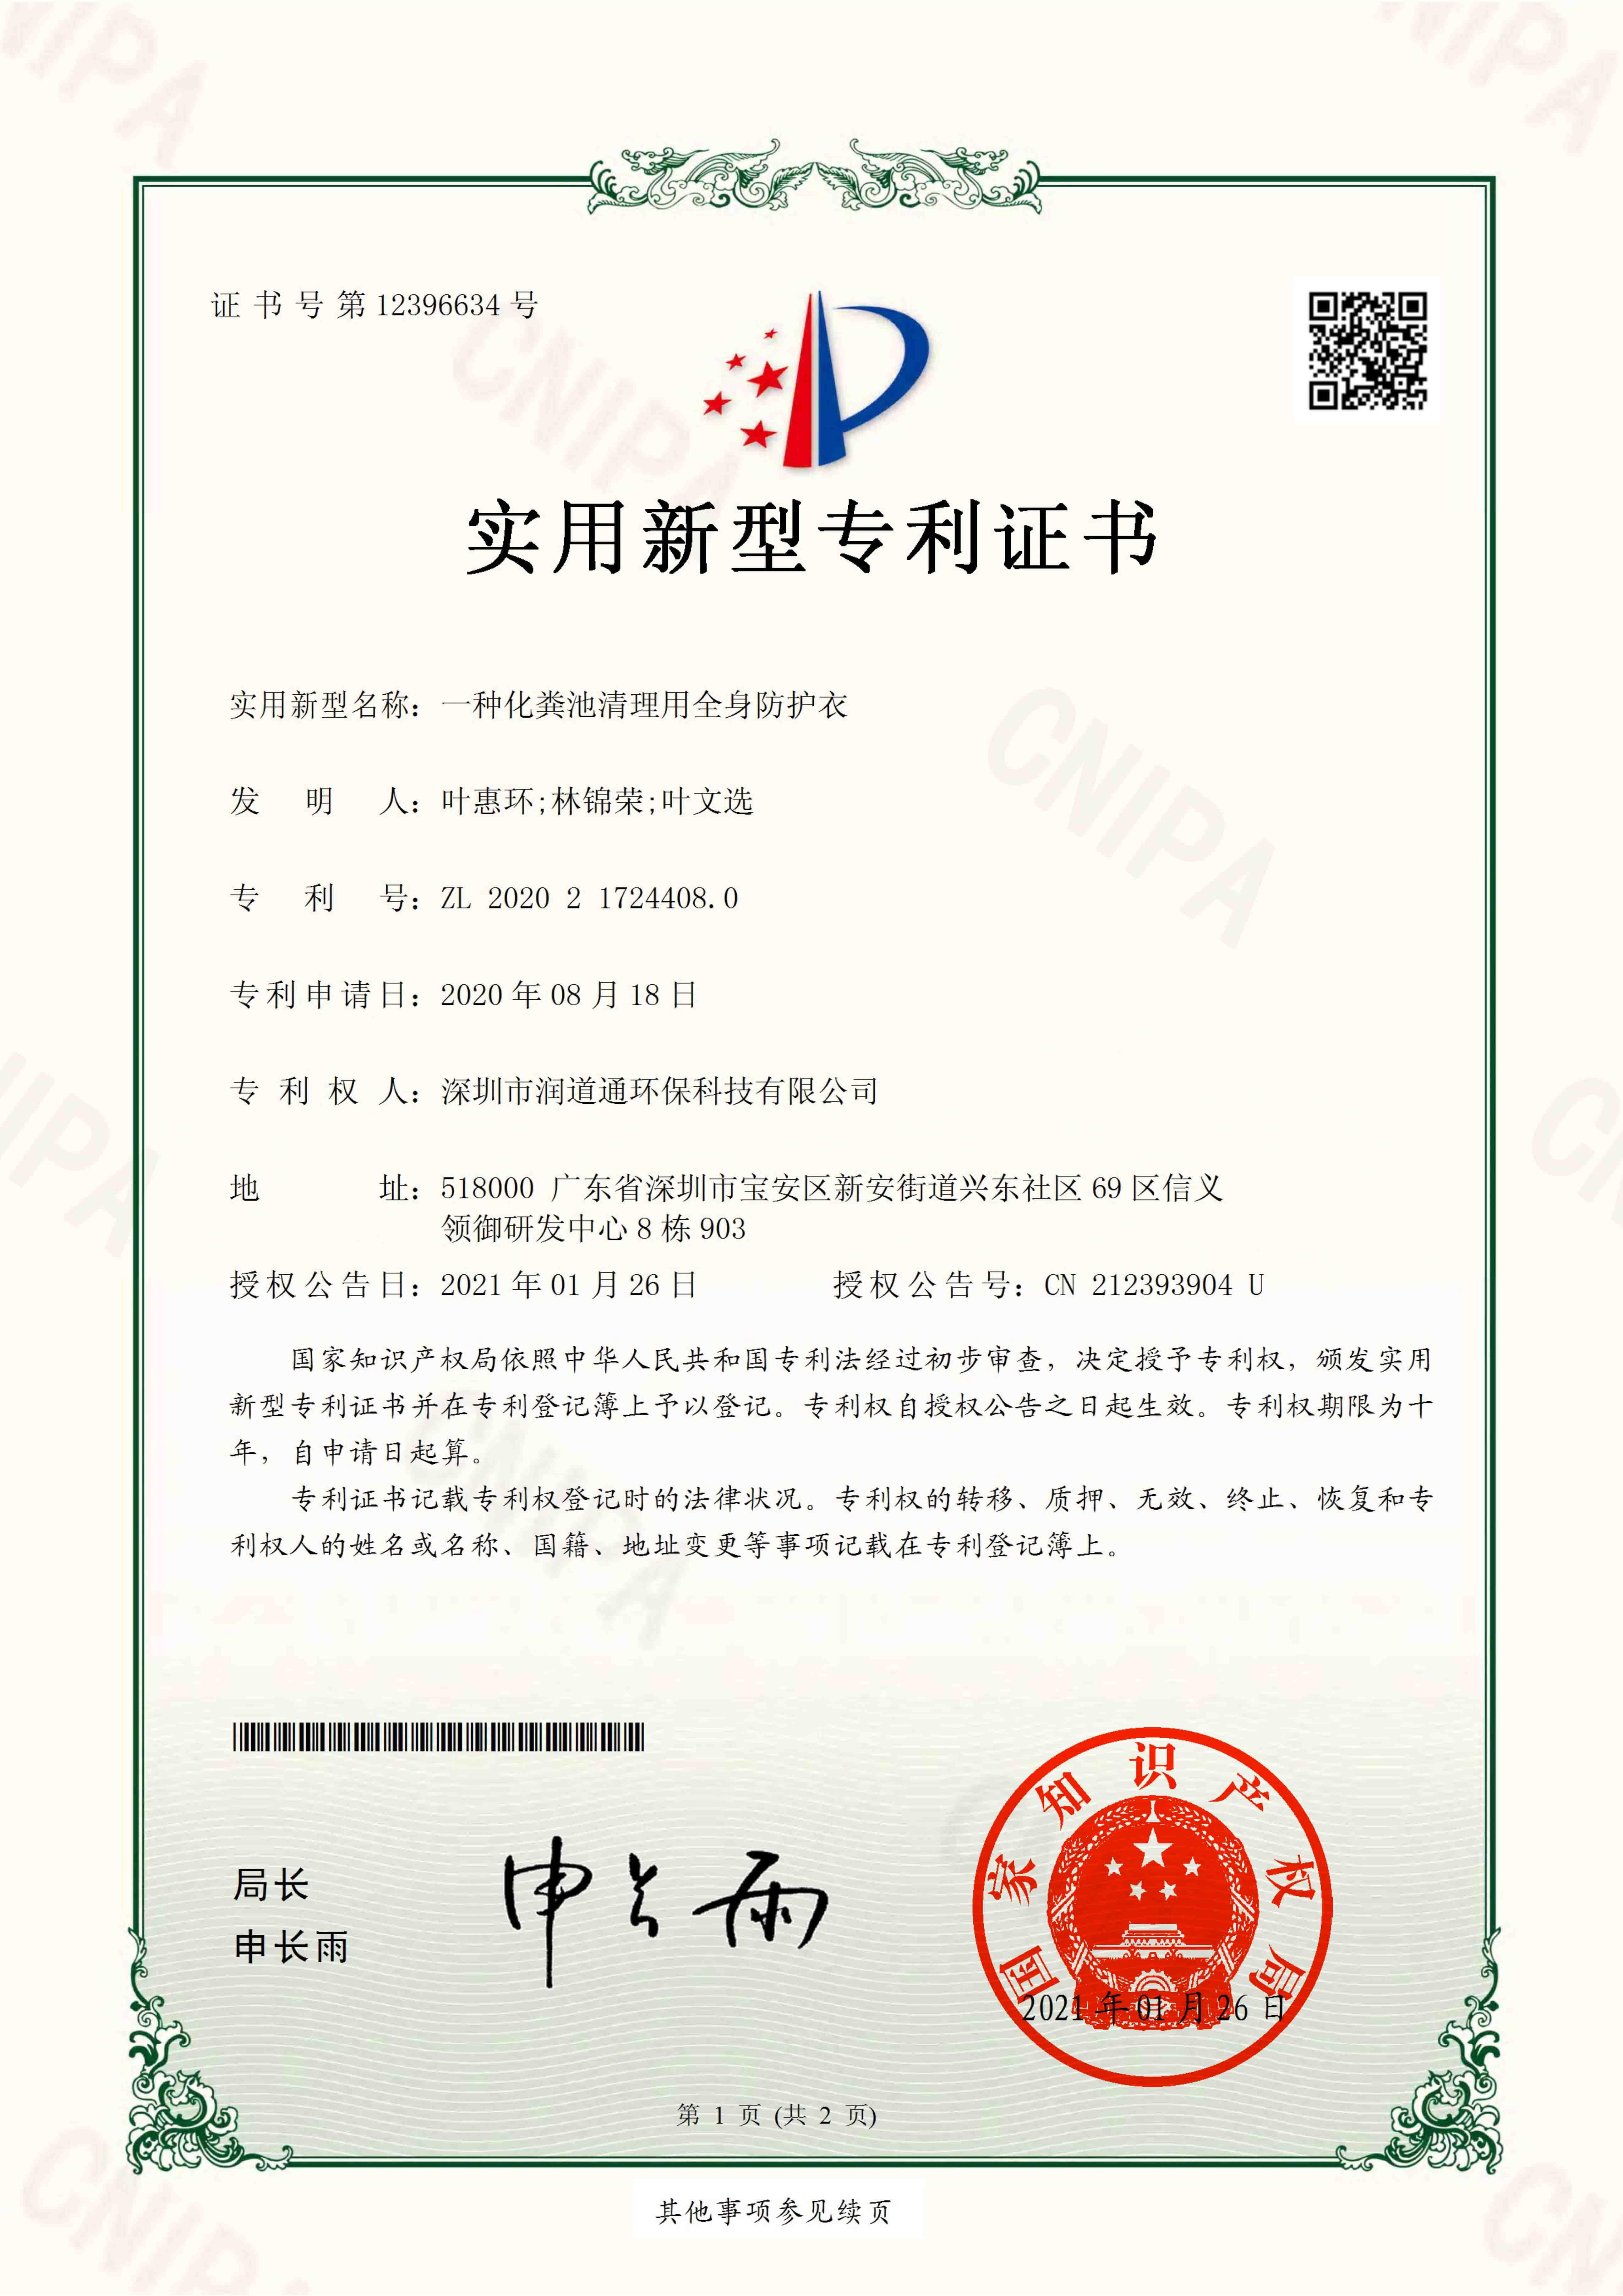 润道通环保实用新型专利证书